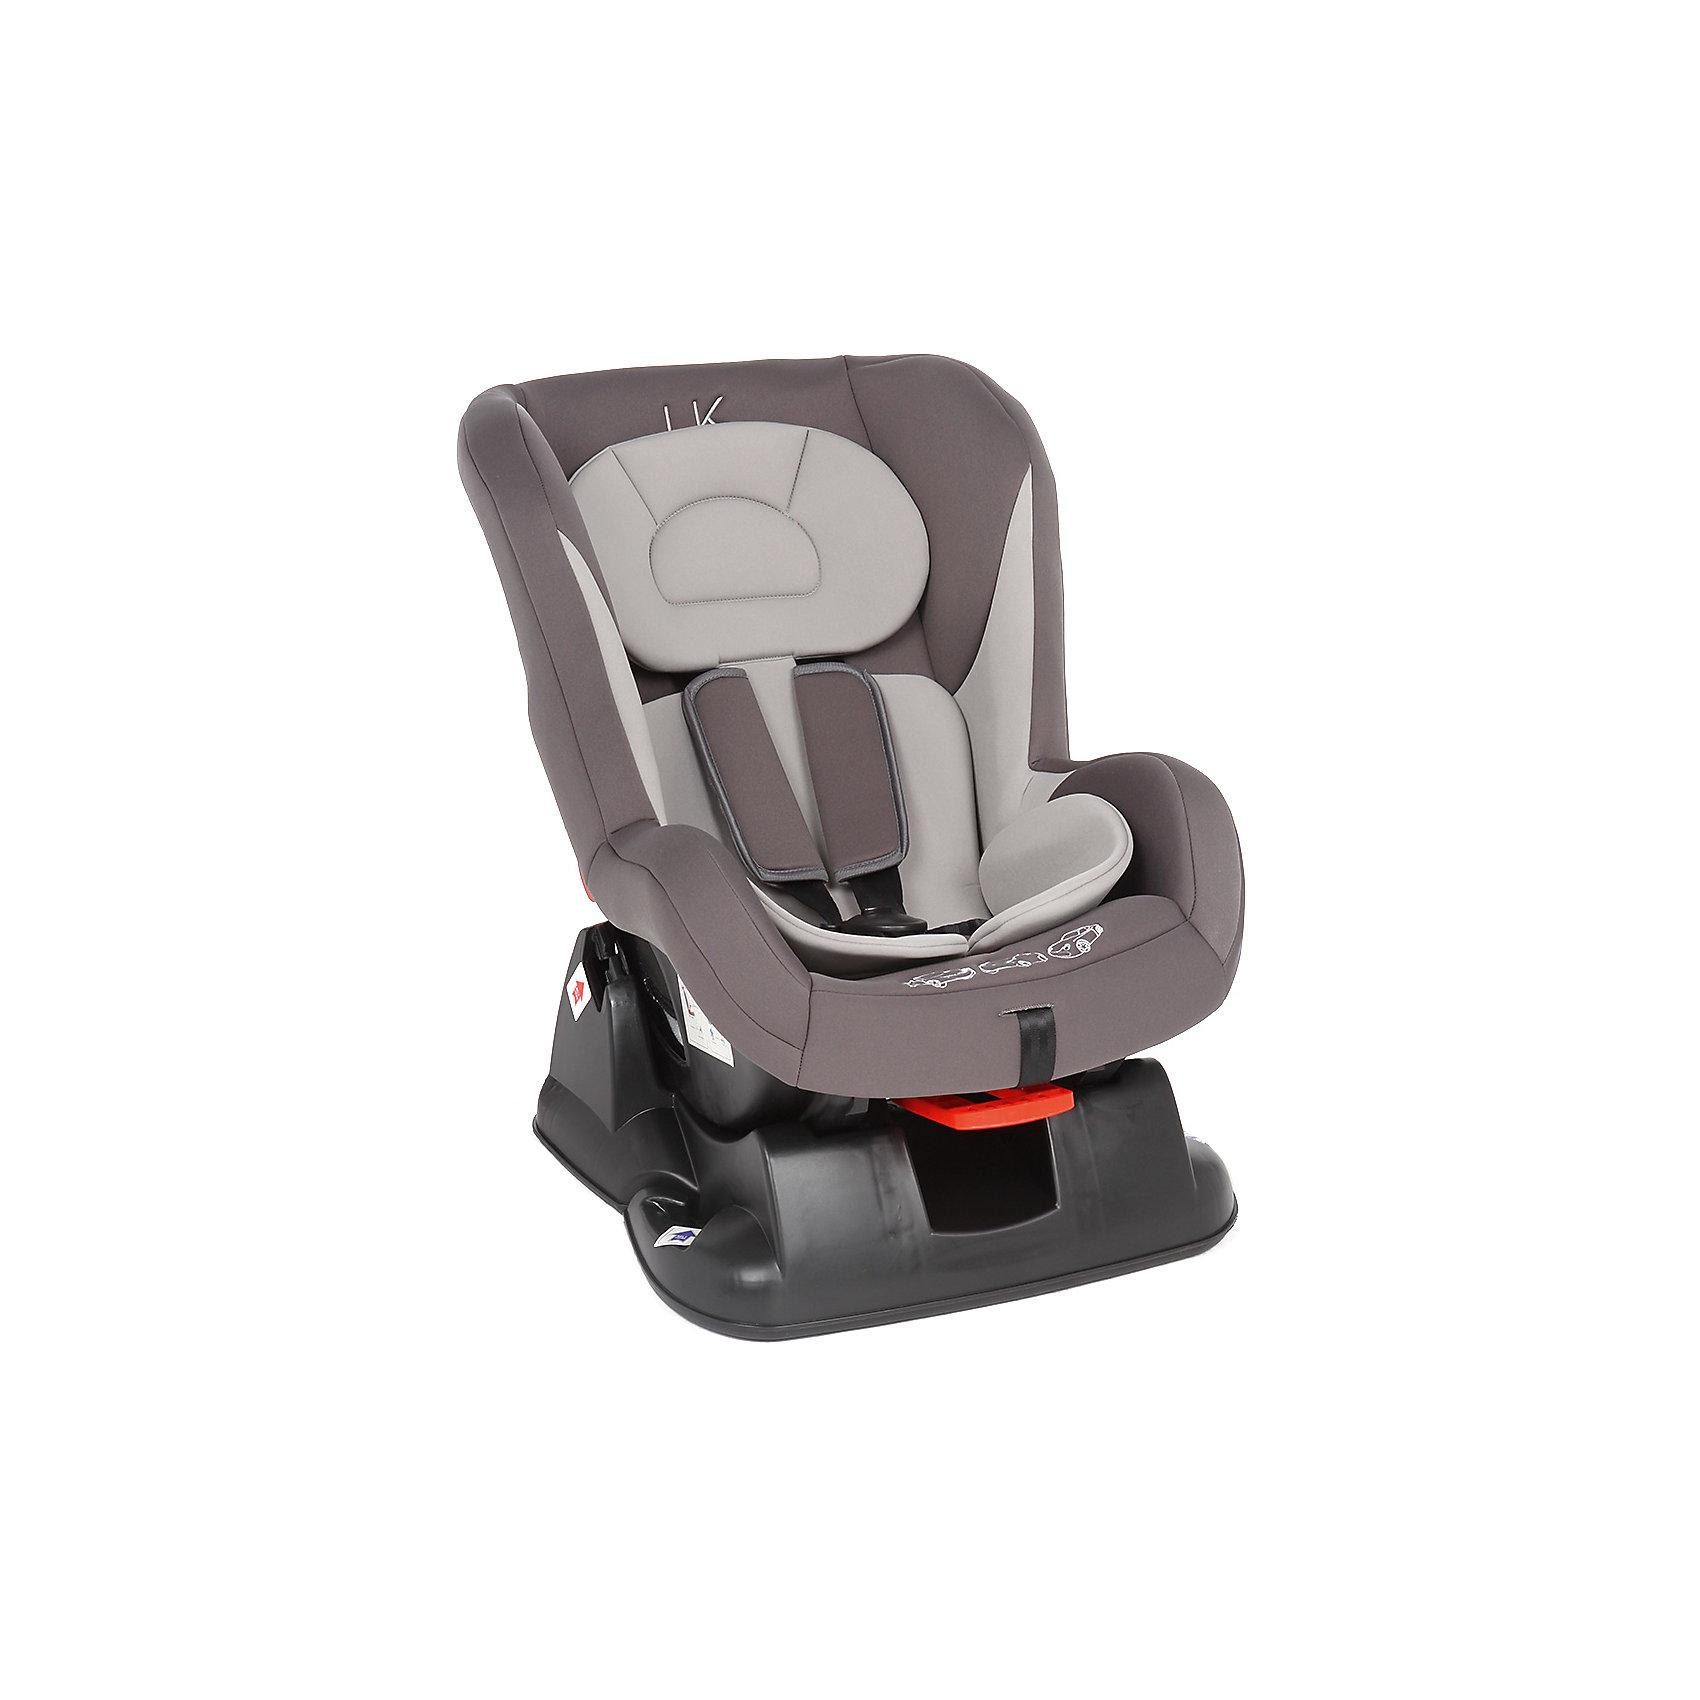 Автокресло RALLY 0-18 кг., Leader kids, серый/св.серыйАвтокресло - необходимый атрибут современной семьи, в которой есть машина. Это высокотехнологичное автокресло позволит перевозить ребенка, не беспокоясь при этом о его безопасности. Оно предназначено для предназначено для детей весом до 18 килограмм. Такое кресло обеспечит малышу не только безопасность, но и удобство (регулируемый наклон спинки и анатомическая форма). Ребенок надежно фиксируется в кресле и ездит с комфортом.<br>Автокресло устанавливают по ходу движения или против. Такое кресло дает возможность свободно путешествовать, ездить в гости и при этом  быть рядом с малышом. Конструкция - очень удобная и прочная. Изделие произведено из качественных и безопасных для малышей материалов, оно соответствуют всем современным требованиям безопасности. Кресло отлично показало себя на краш-тестах.<br> <br>Дополнительная информация:<br><br>цвет: серый;<br>материал: текстиль, пластик;<br>вес ребенка: до 18 кг;<br>глубокие боковины и подголовник;<br>анатомическая подушка;<br>внутренние ремни - пятиточечные, с мягкими накладками;<br>регулировка высоты внутренних ремней;<br>регулировка наклона спинки;<br>установка: спиной или лицом вперед;<br>дополнительная защита от боковых ударов;<br>съемный чехол;<br>соответствие стандартам ECE R44/04.<br><br>Автокресло RALLY 0-18 кг., серый/св.серый от компании Leader kids можно купить в нашем магазине.<br><br>Ширина мм: 910<br>Глубина мм: 510<br>Высота мм: 420<br>Вес г: 5500<br>Возраст от месяцев: 0<br>Возраст до месяцев: 48<br>Пол: Унисекс<br>Возраст: Детский<br>SKU: 4778457